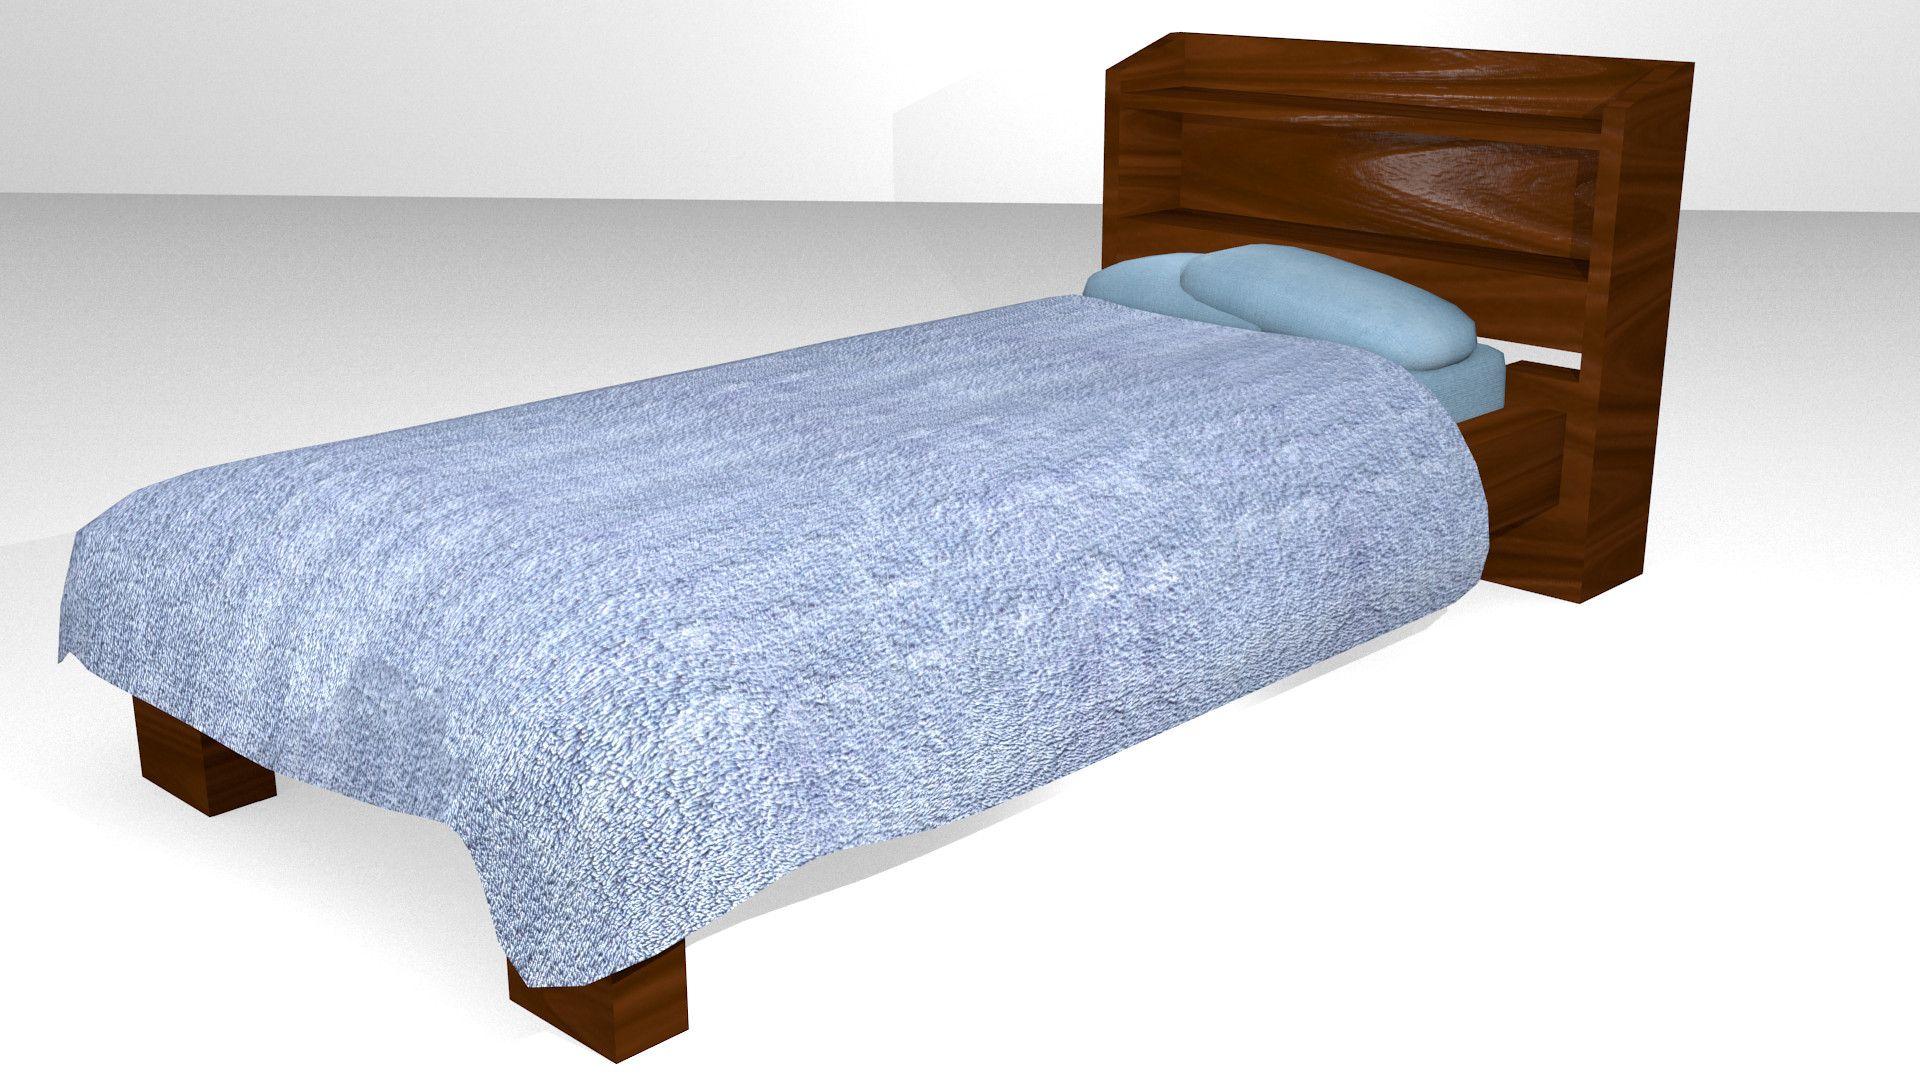 3D Wooden Bed Games Model  3D Model